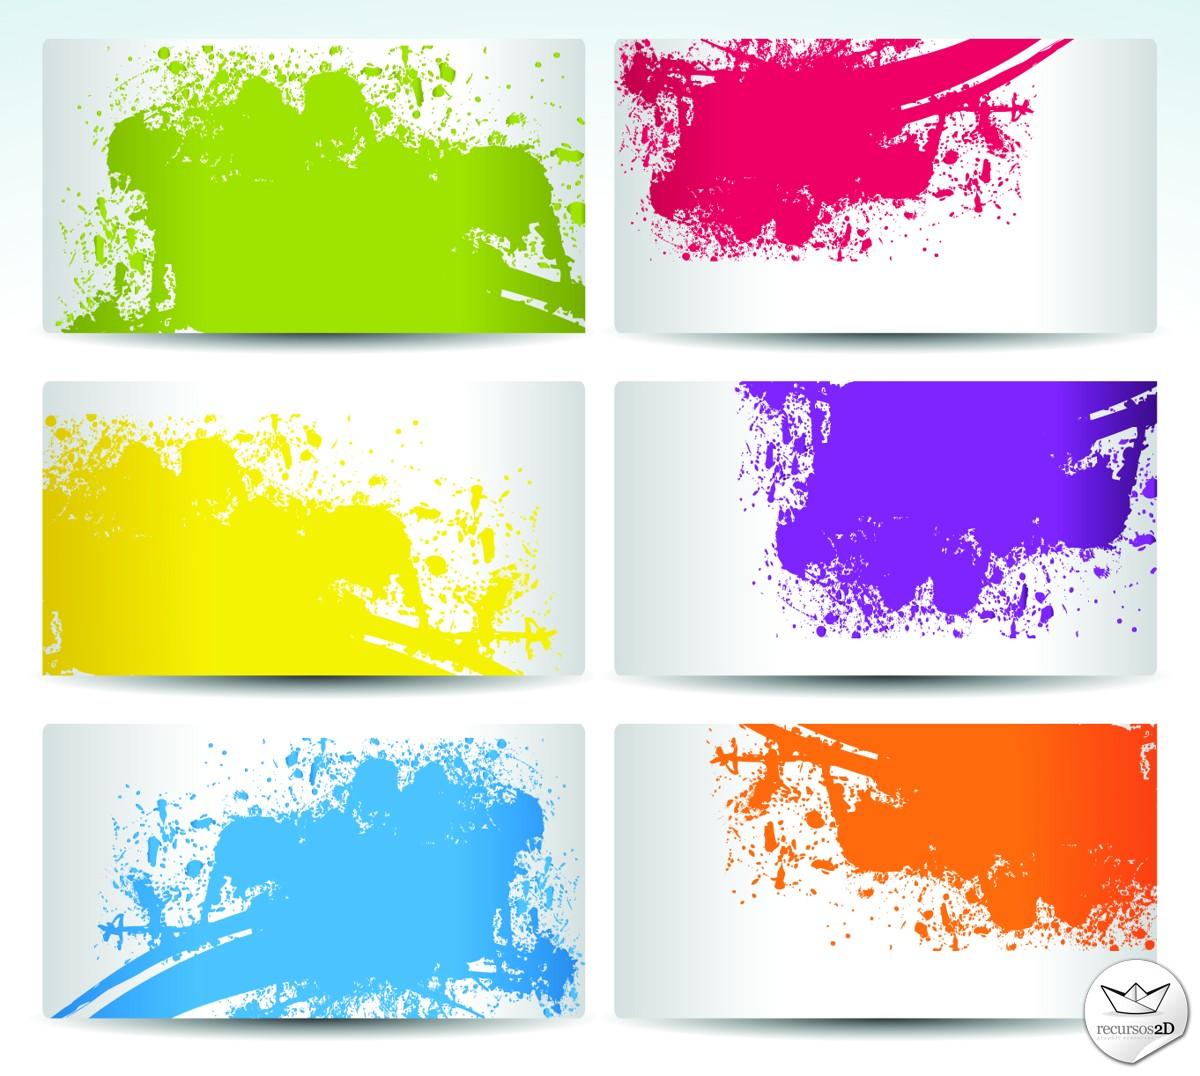 Crear tarjetas de presentacion para imprimir gratis